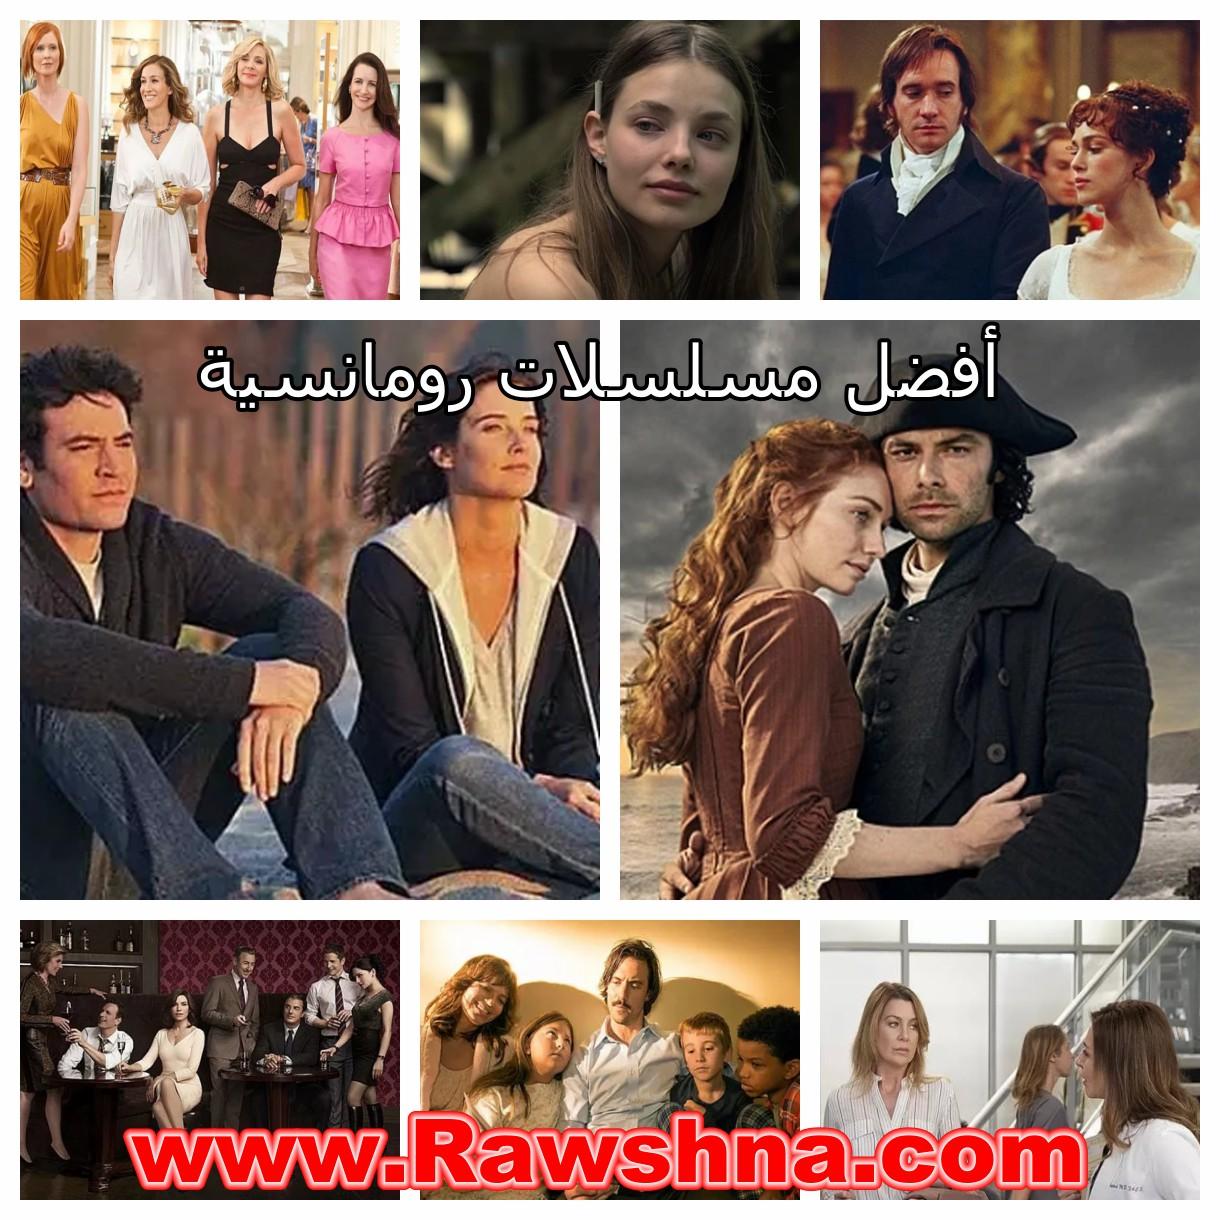 أفضل مسلسلات رومانسية أجنبية على الاطلاق